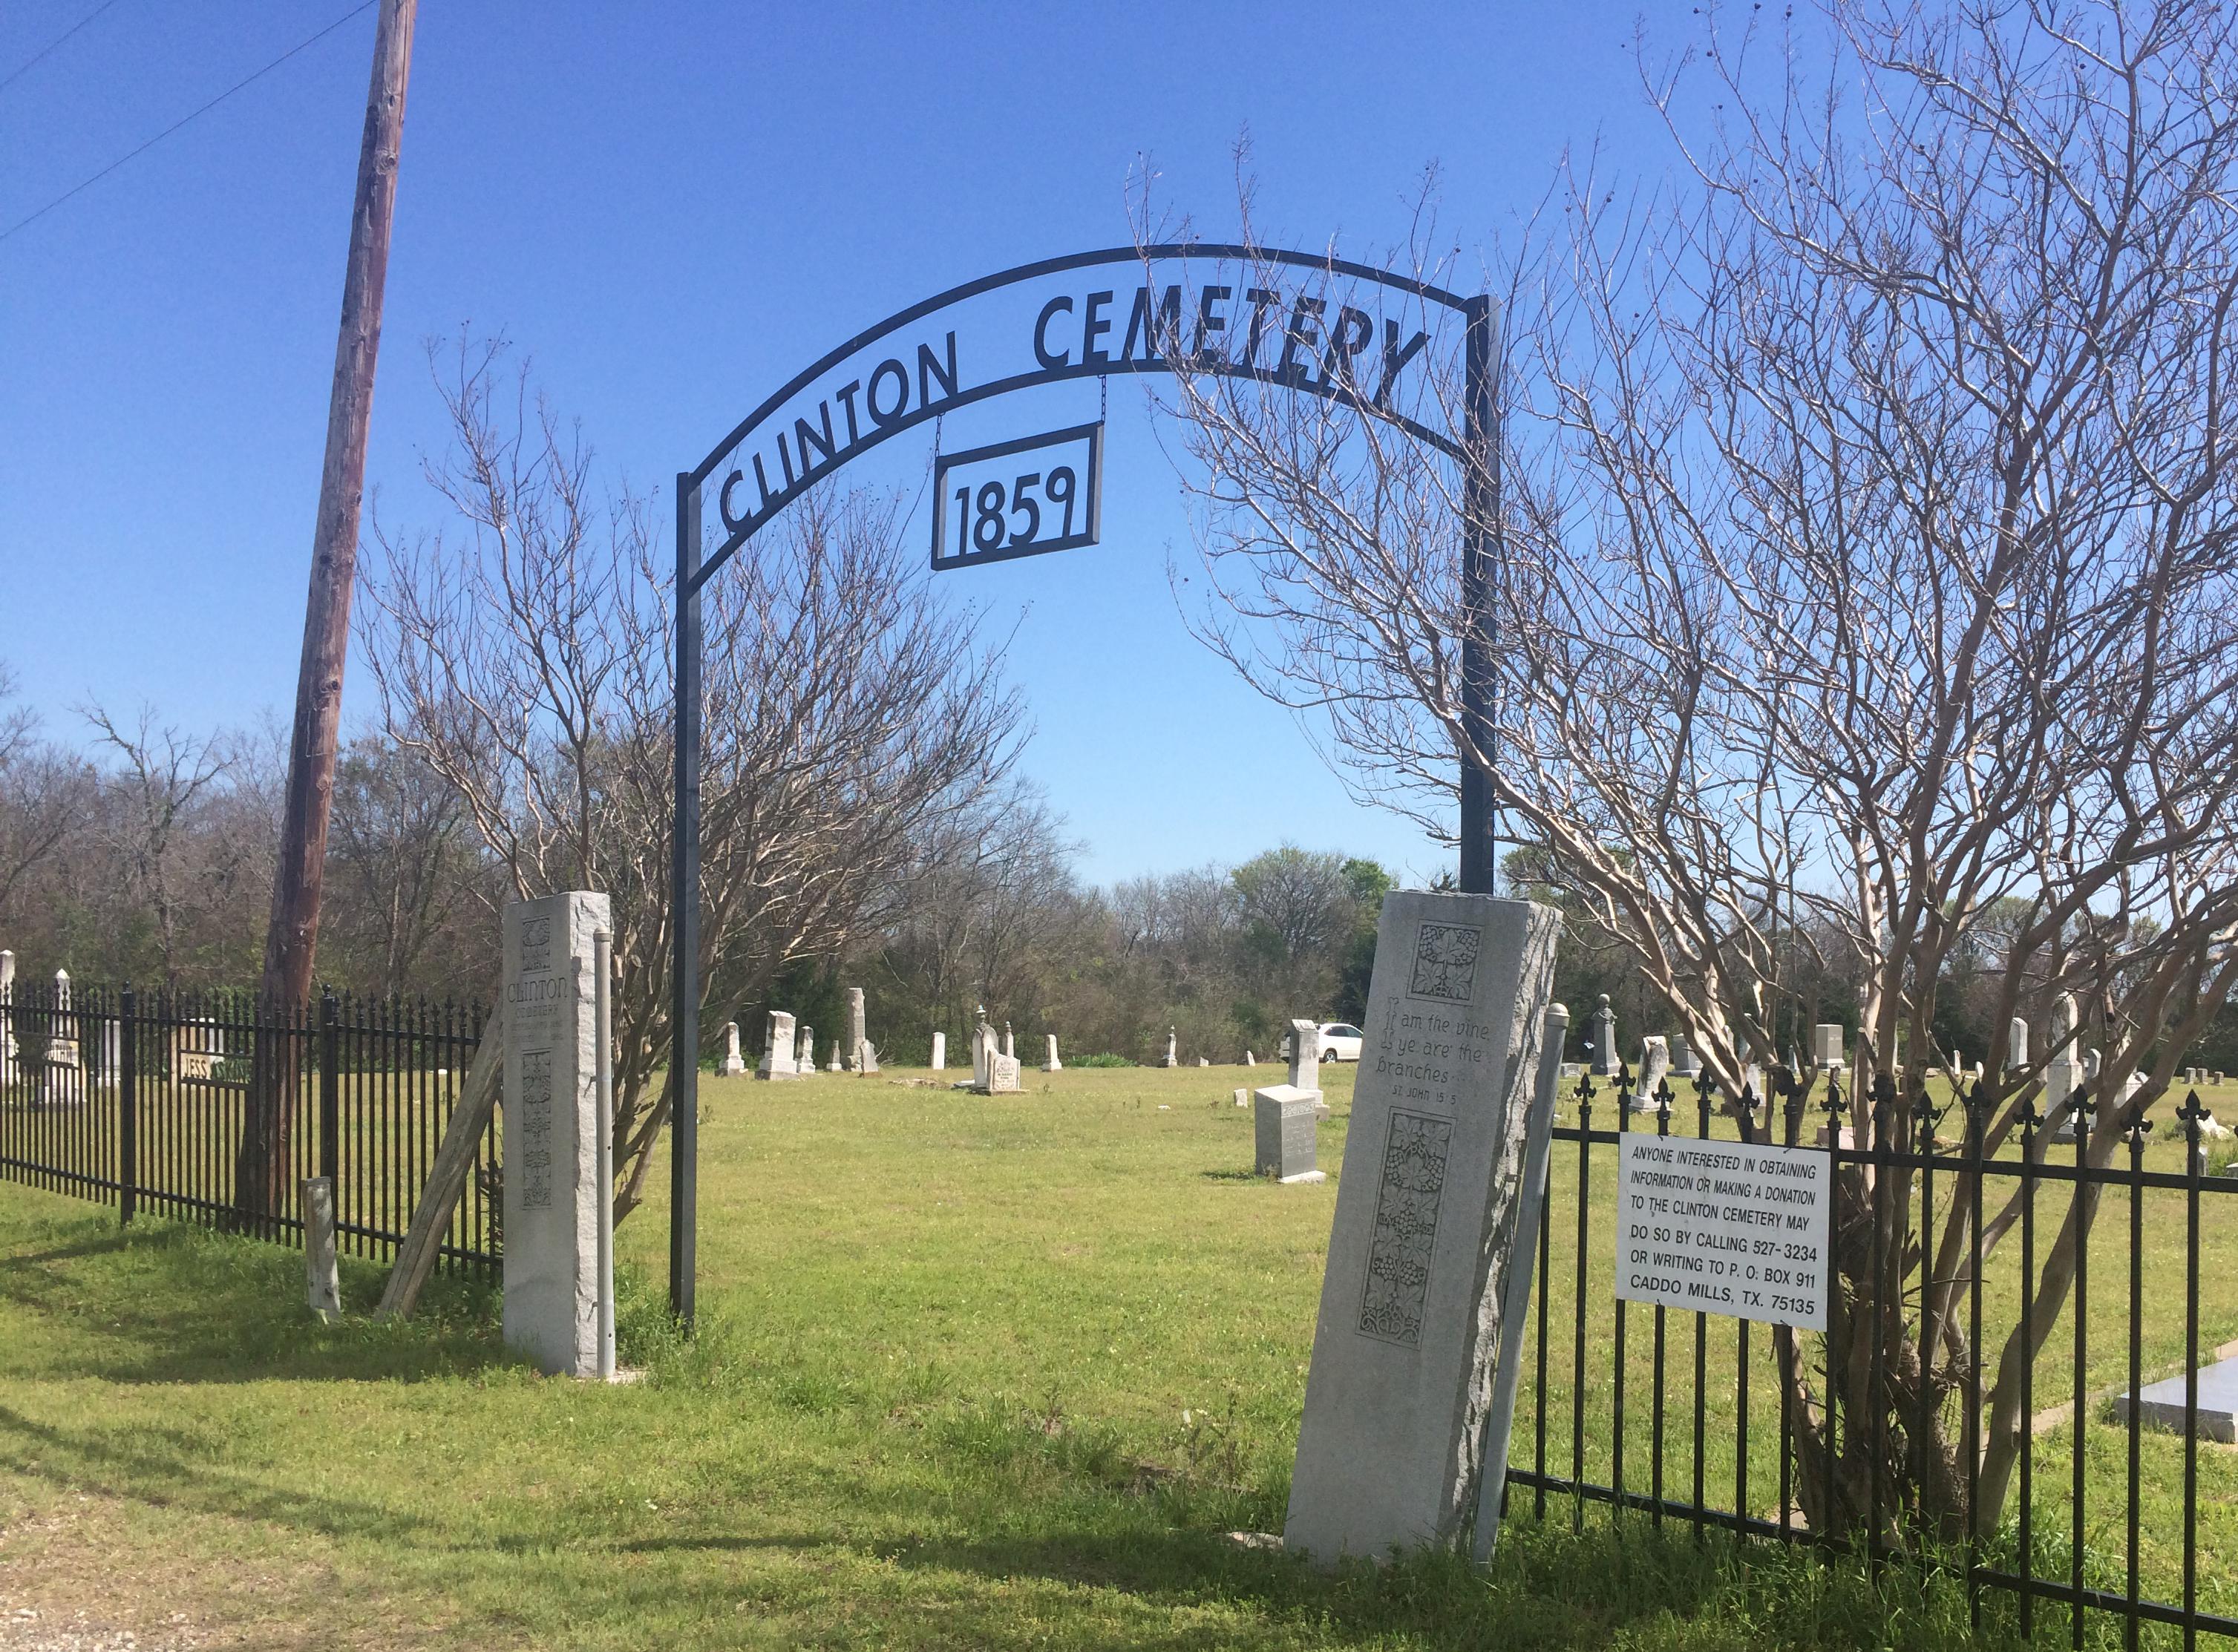 Clinton Cemetery